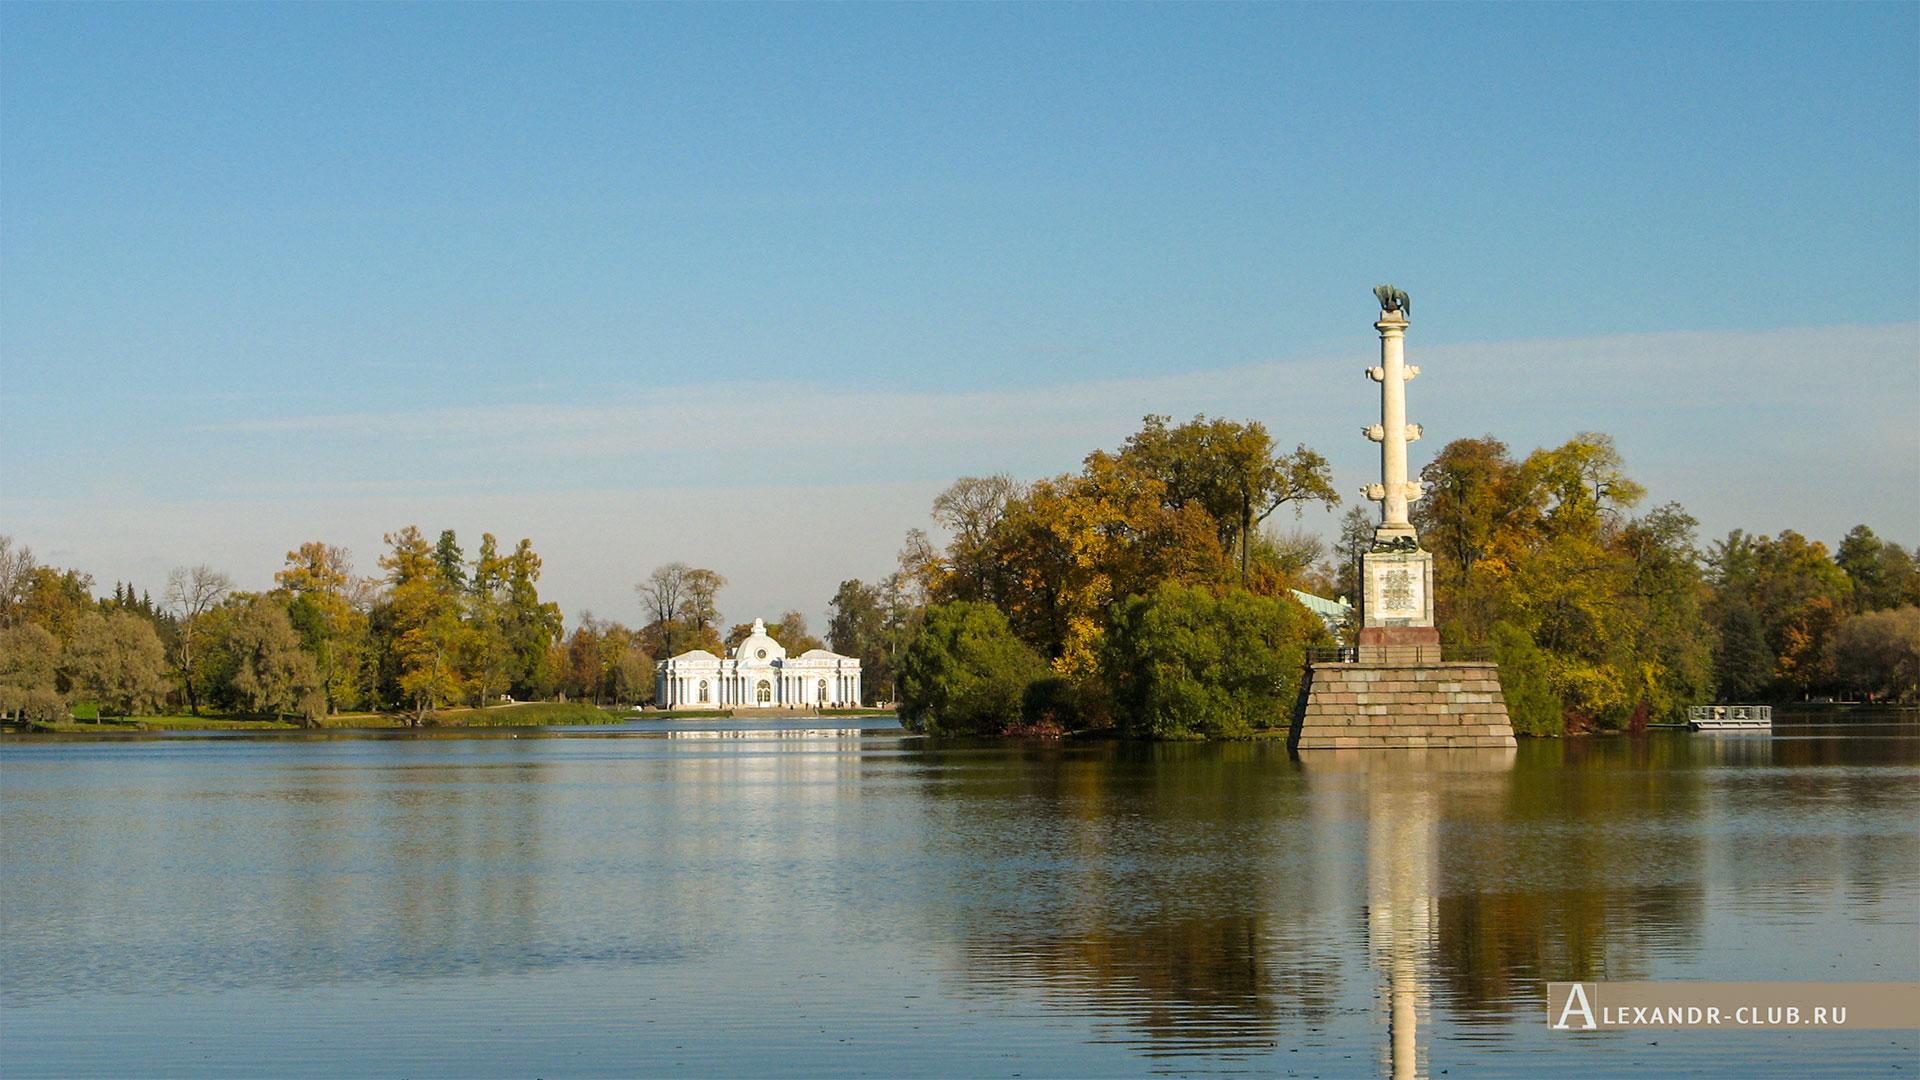 Царское Село, осень, Екатерининский парк, Большой пруд, Чесменская колонна